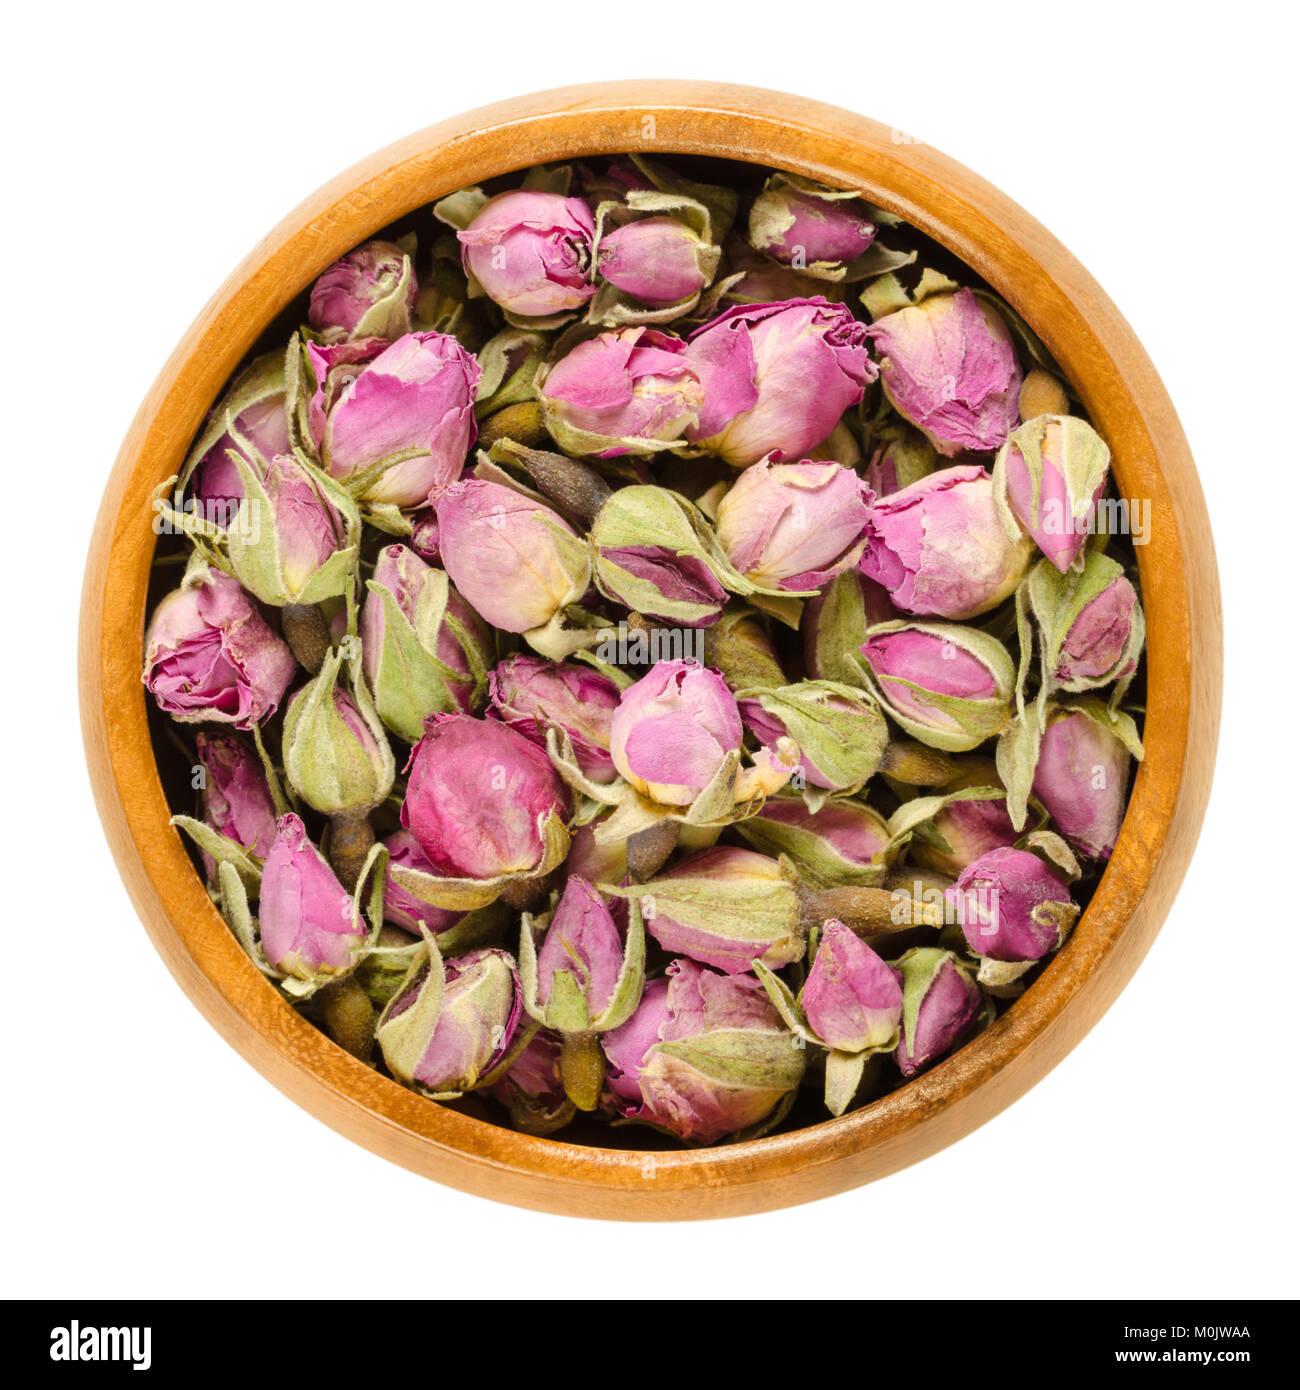 Getrocknete Blüten getrocknete blüten die hölzerne schüssel blühende pflanzen